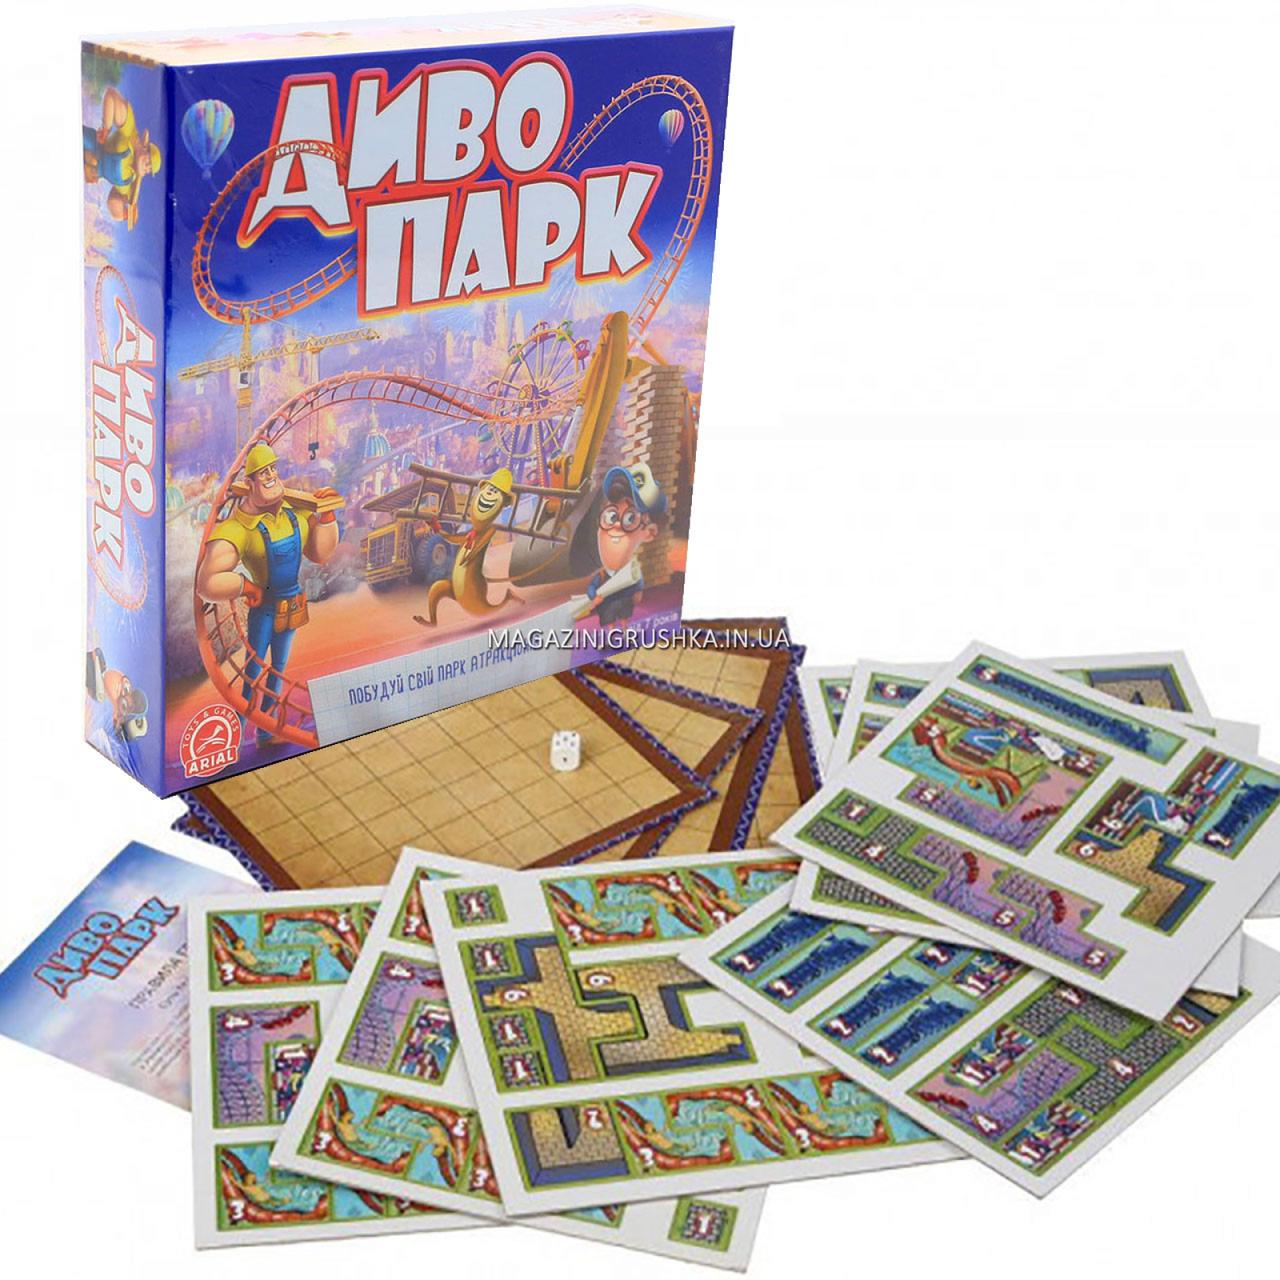 Настільна гра Arial «Диво-парк» (українська) 4820059911449